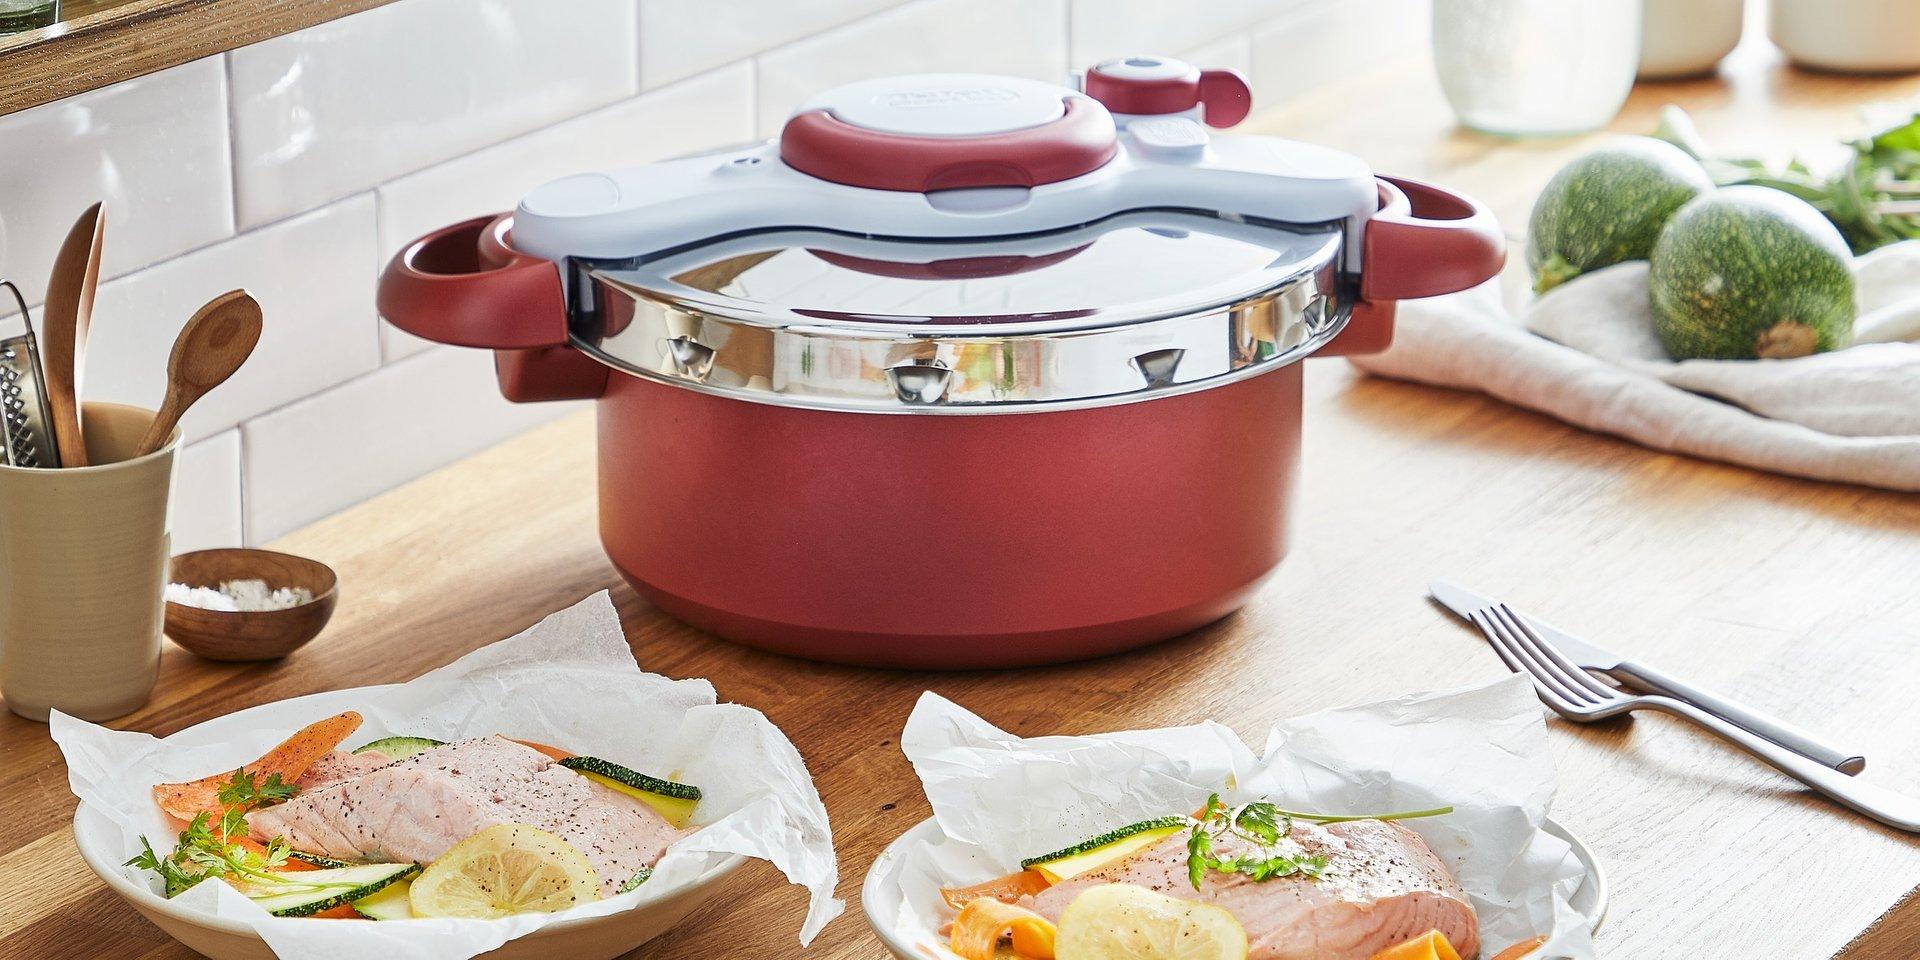 Panela de pressão ClipsoMinut® Duo da Tefal: Cozinhar nunca foi tão fácil e rápido!